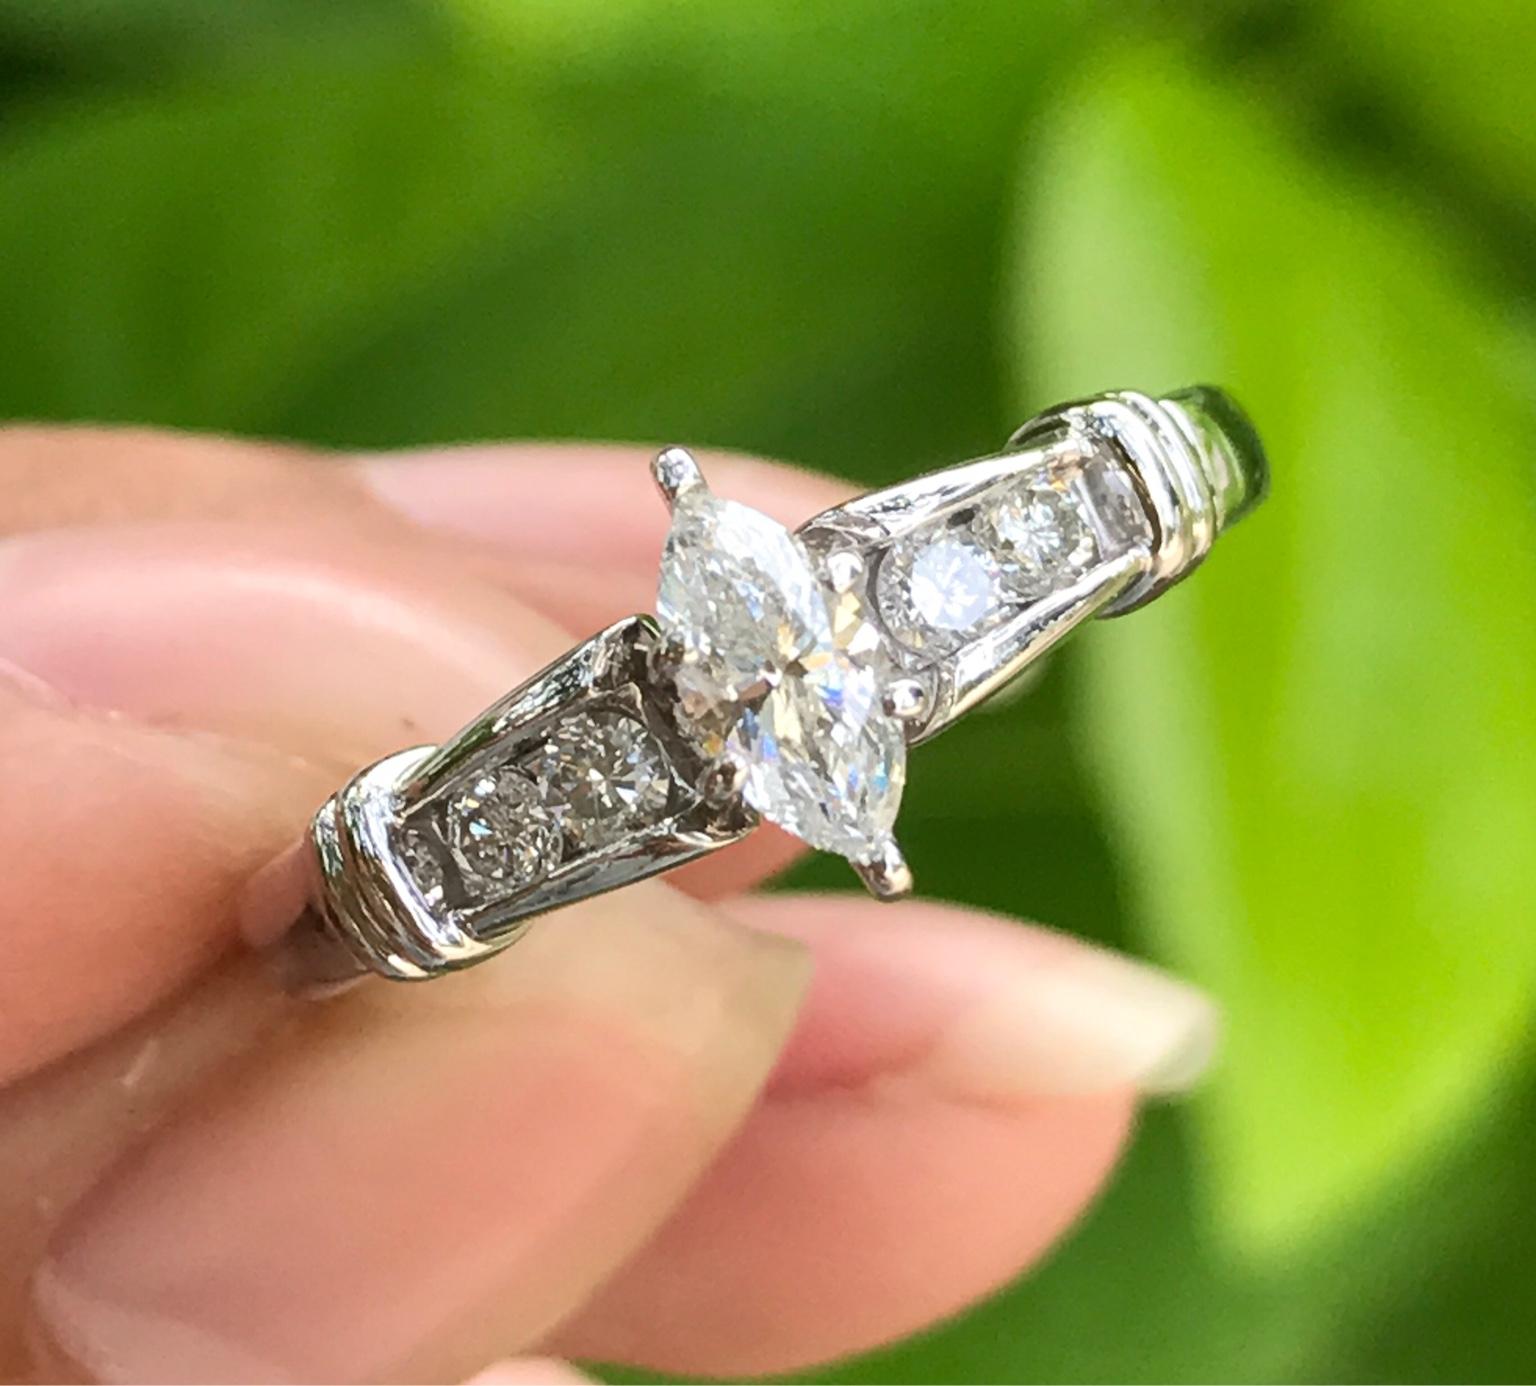 Nhẫn nữ vàng ngoại 14k. Đính viên chủ hạt thóc rất đẹp và sang trọng